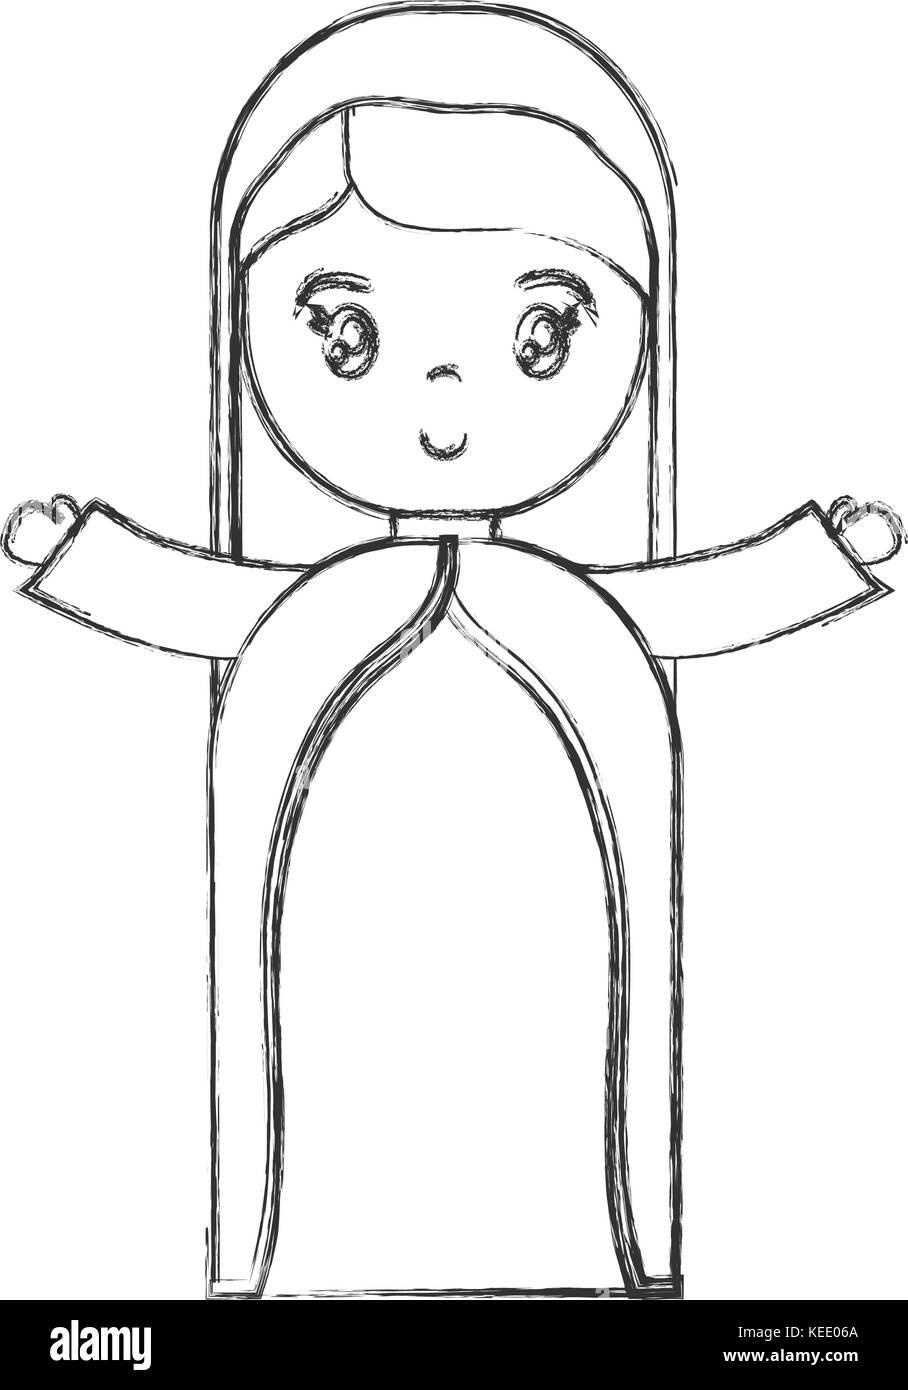 El Icono De La Virgen María Dibujos Animados Ilustración Del